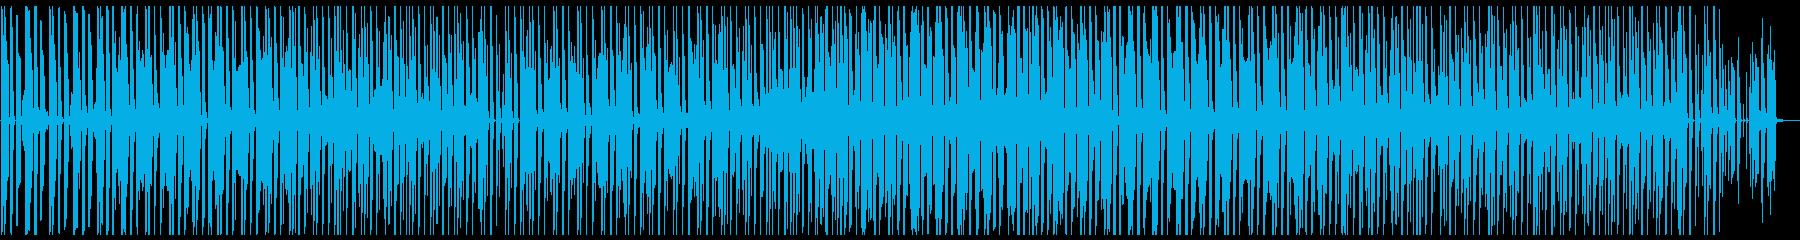 スローテンポ、ムーディーなドラムル...の再生済みの波形